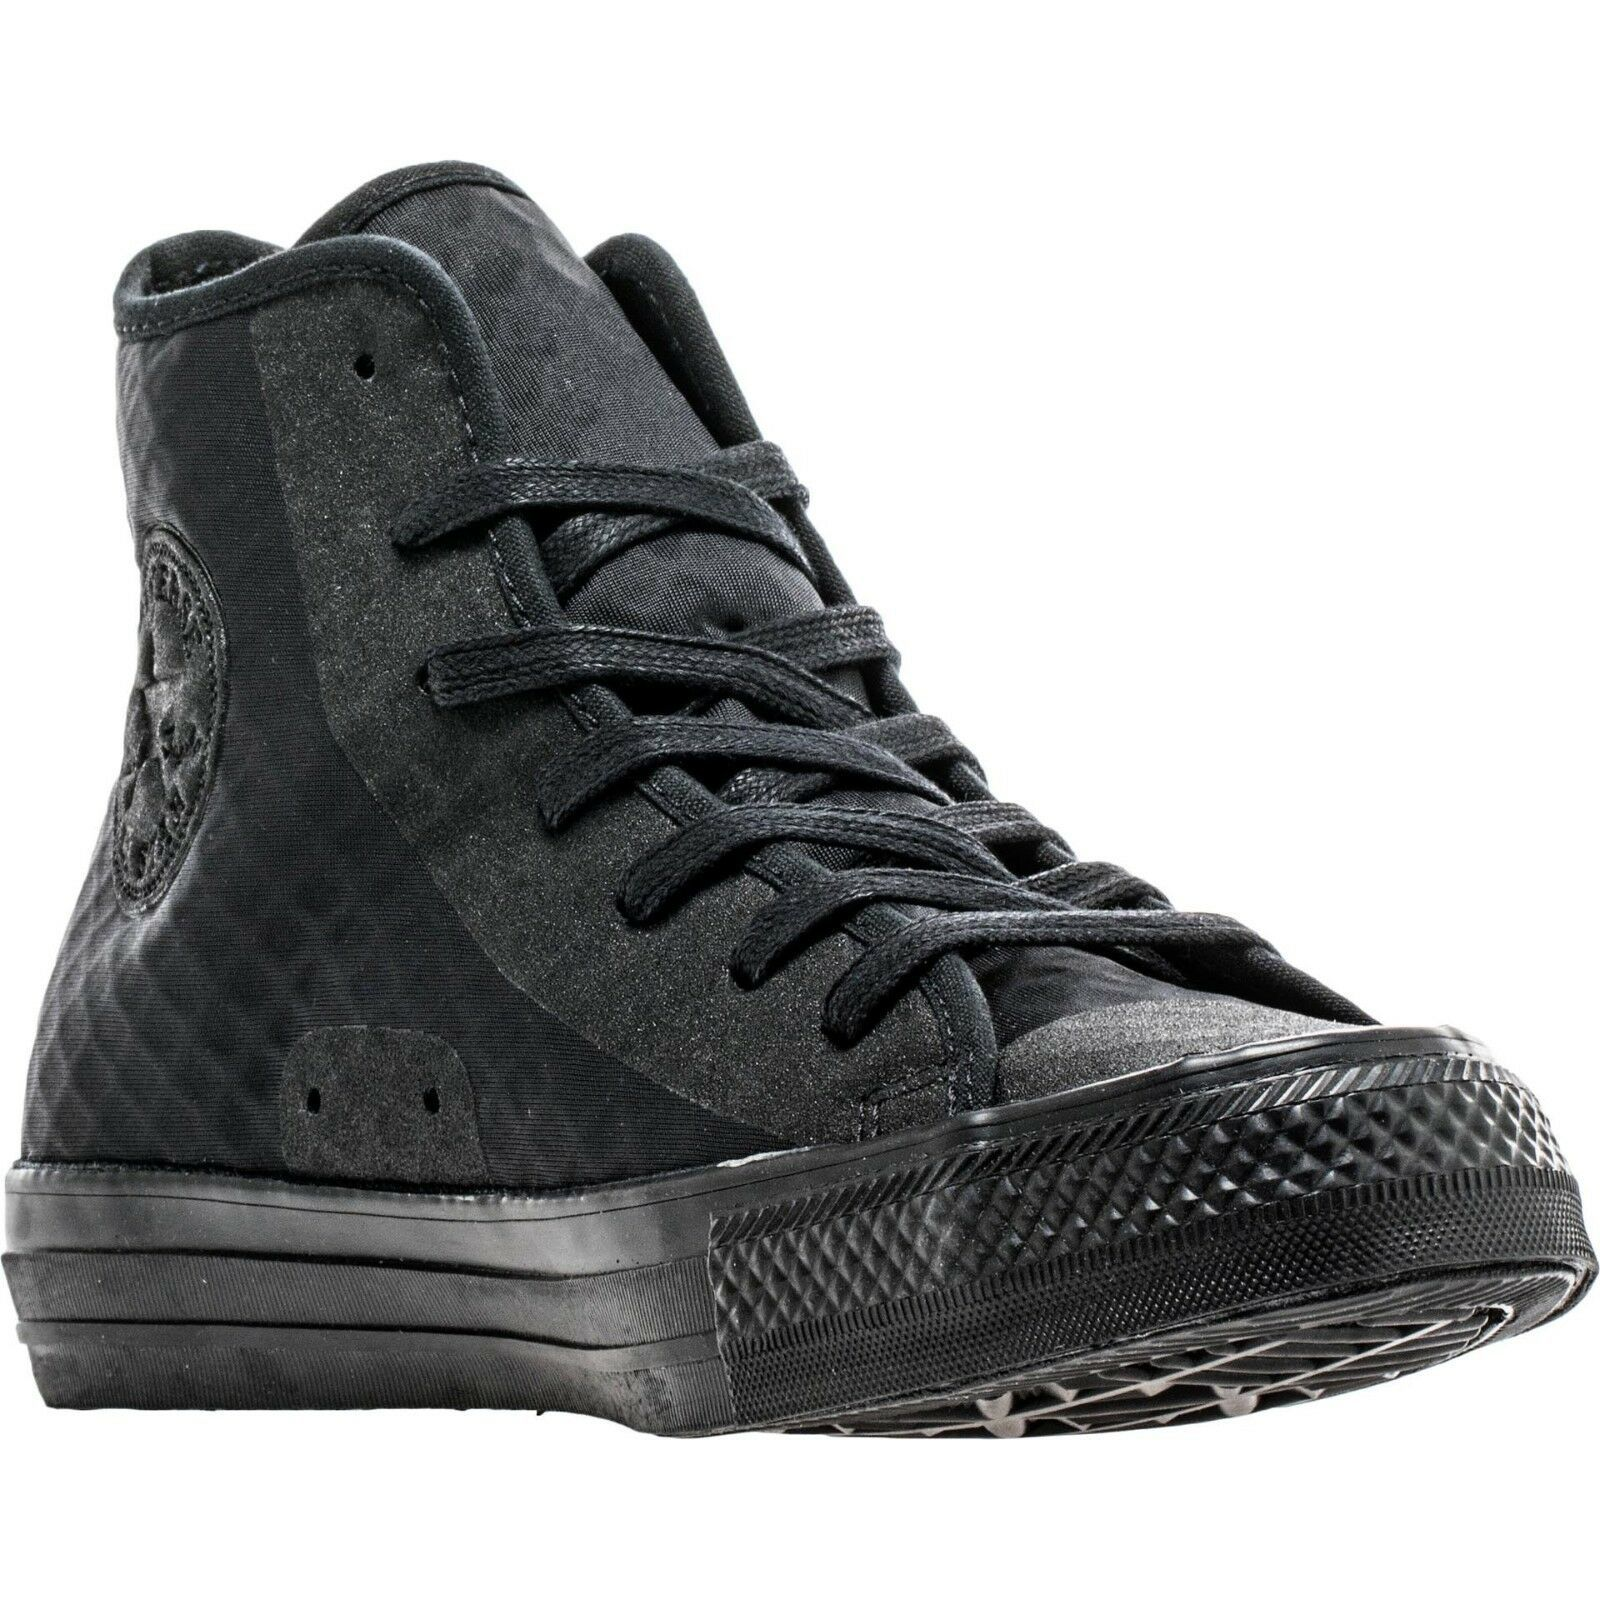 New Converse Chuck Taylor All Star Hi Fuse Grade School Shoes - Sz 4 - black